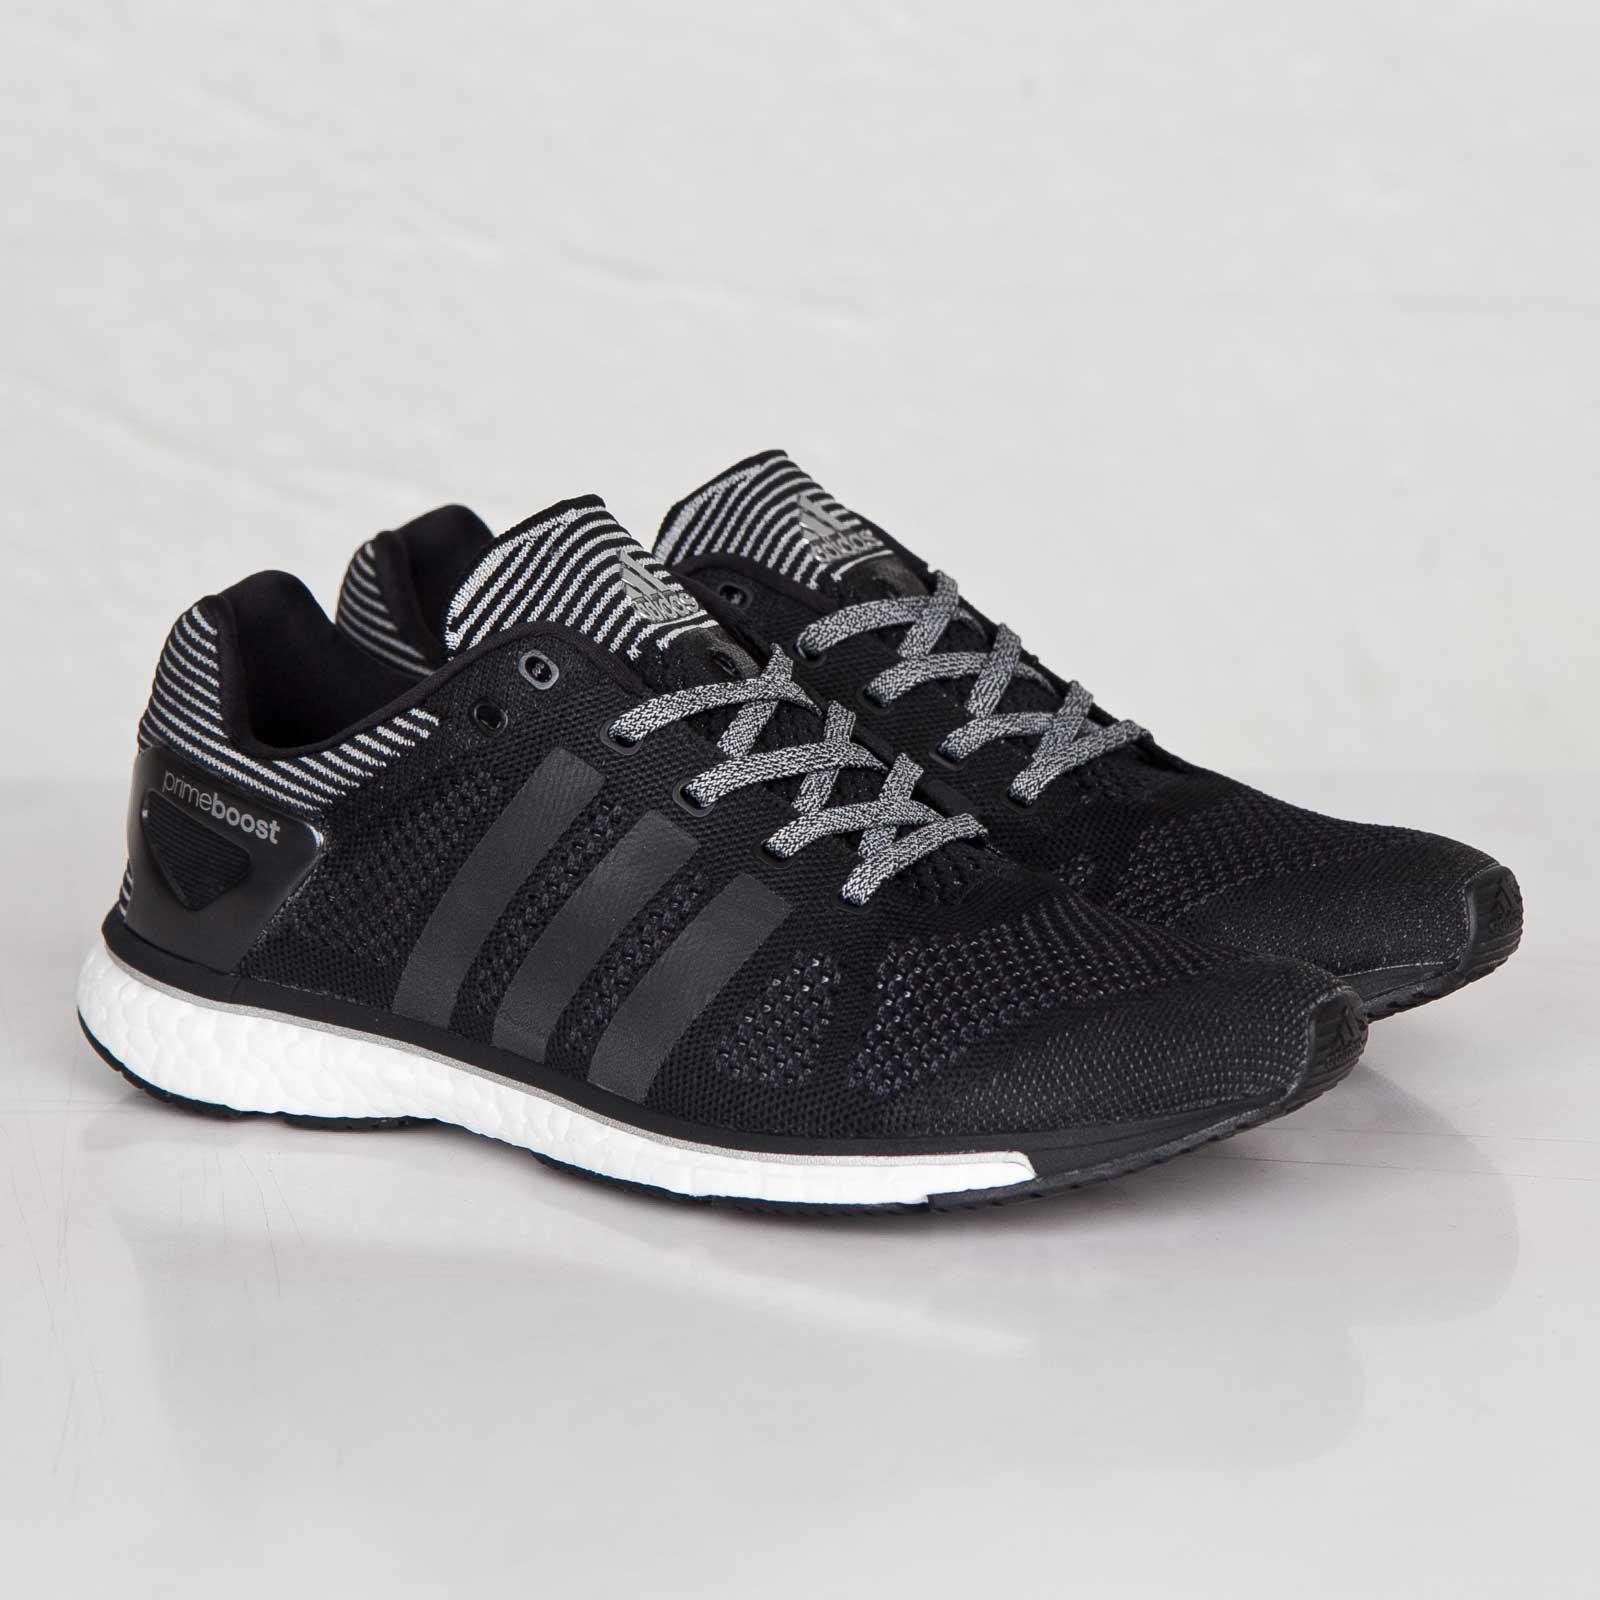 Adidas adizero Prime Boost Ltd af5643 sneakersnstuff Sneakers